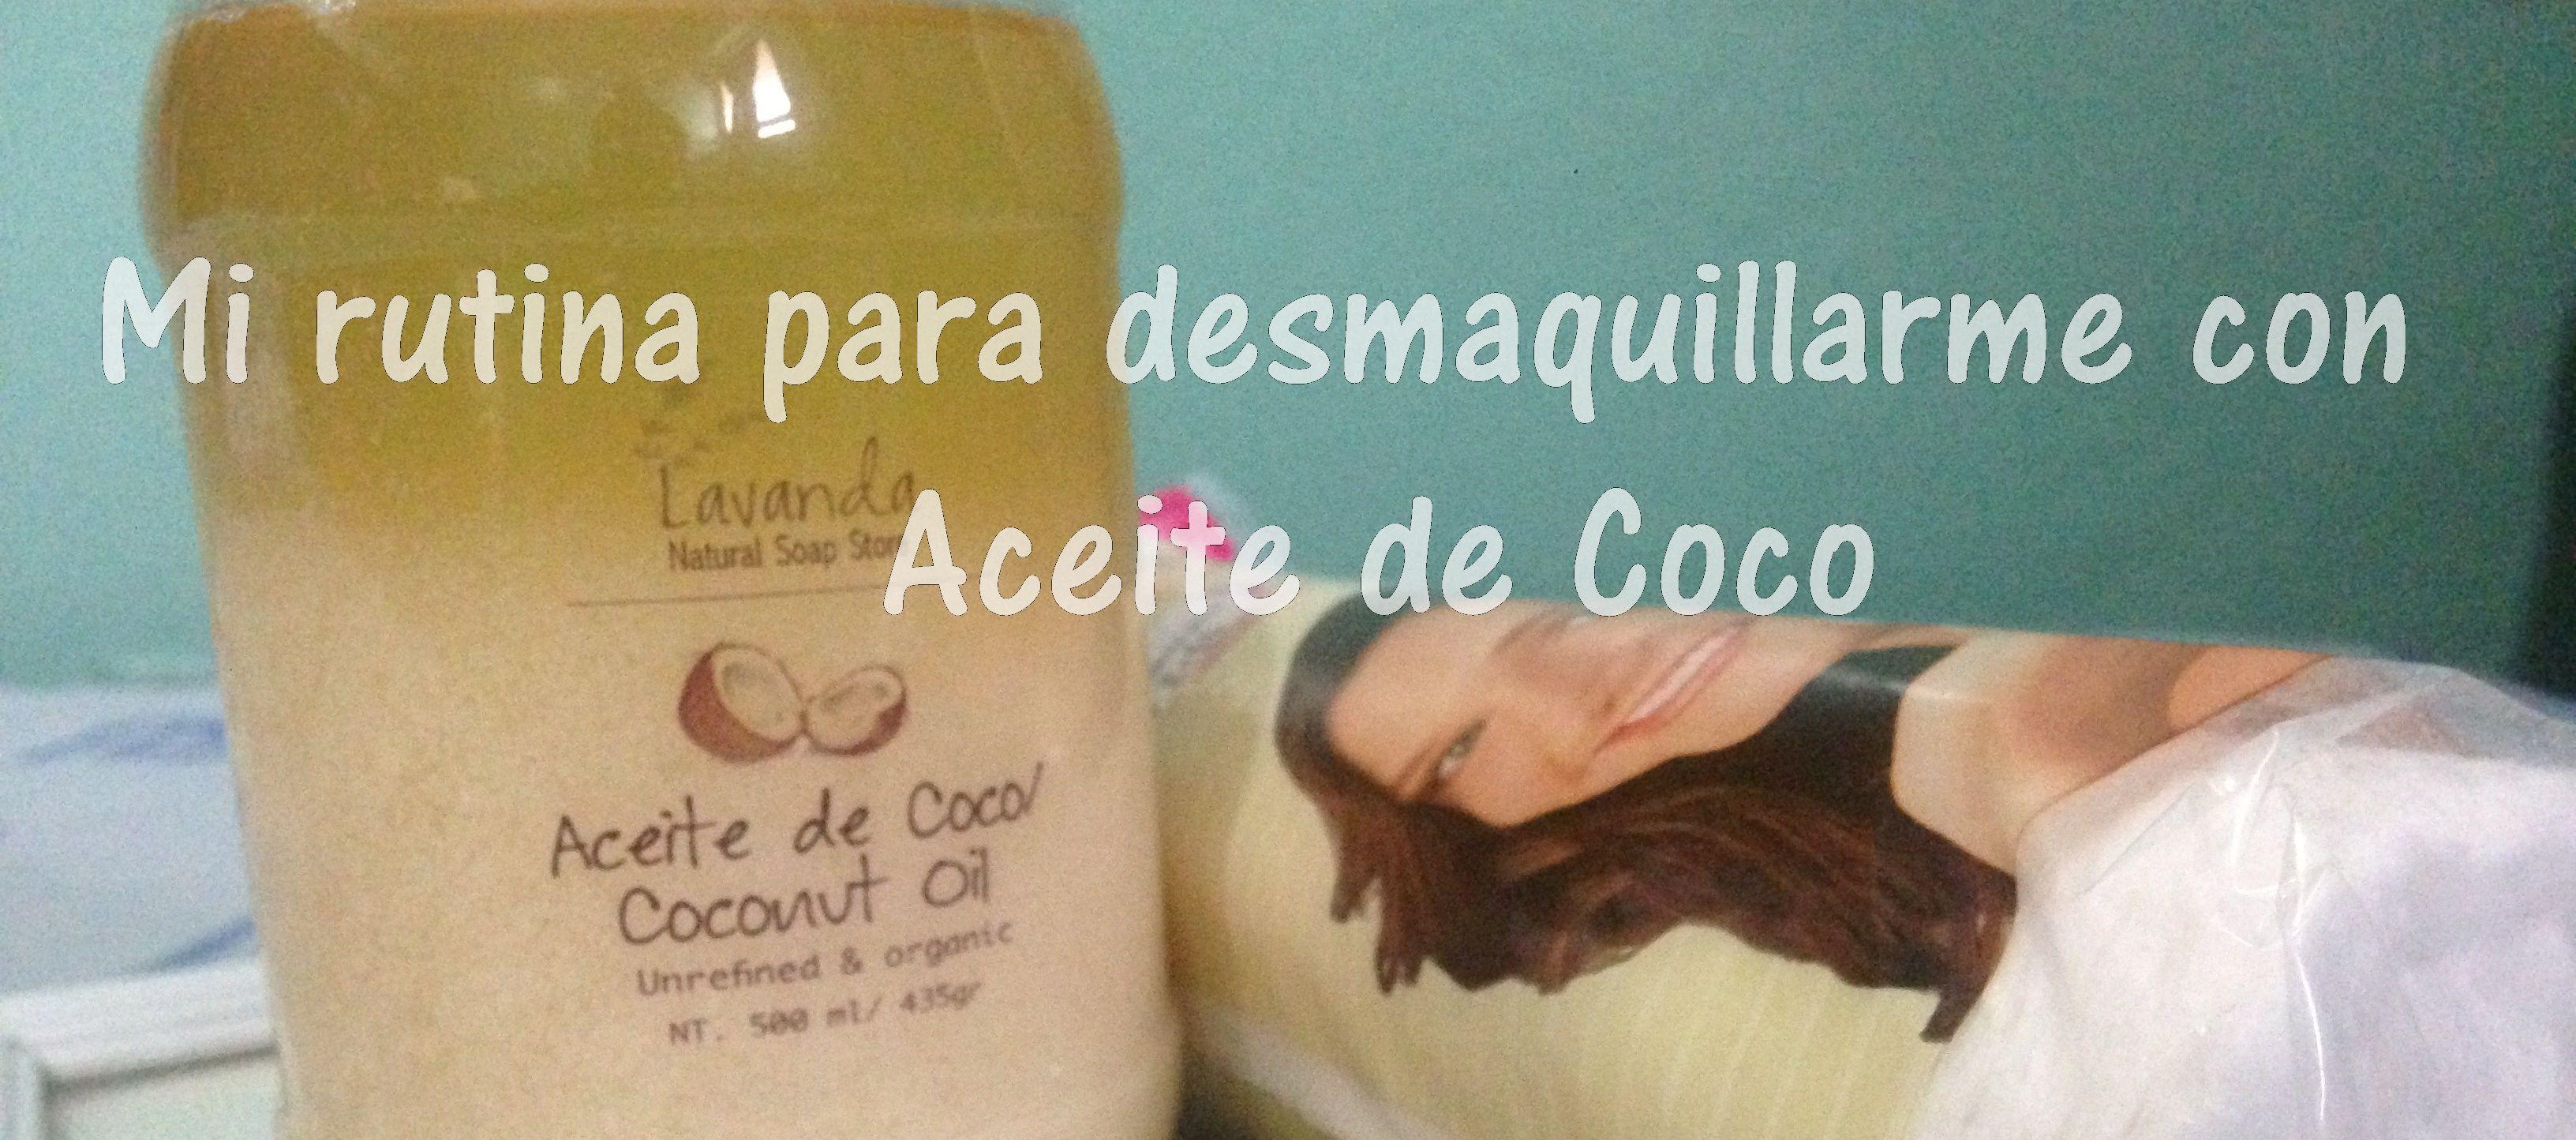 😱Una de las maravillas que hace el aceite de coco es hidratar la piel, no es necesario gastar tanto dinero en un desmaquillante si tenemos el mejor: El aceite de coco!🙌